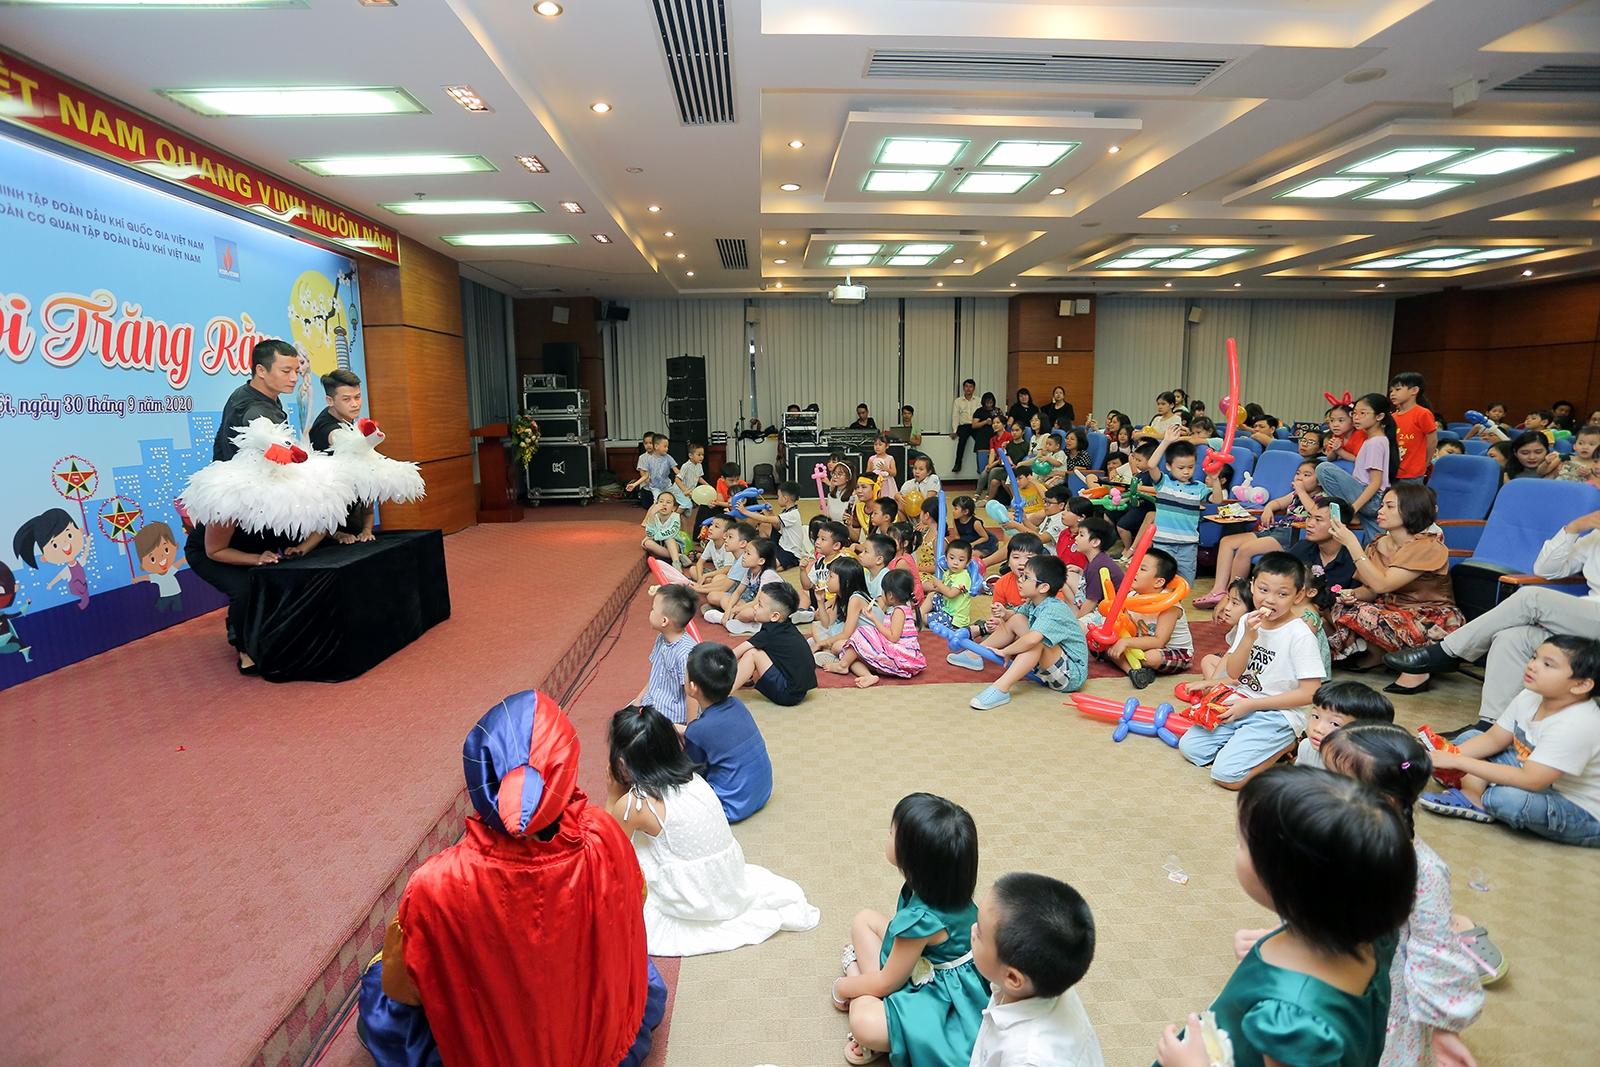 Tuổi trẻ Cơ quan Tập đoàn tổ chức chương trình Trung thu